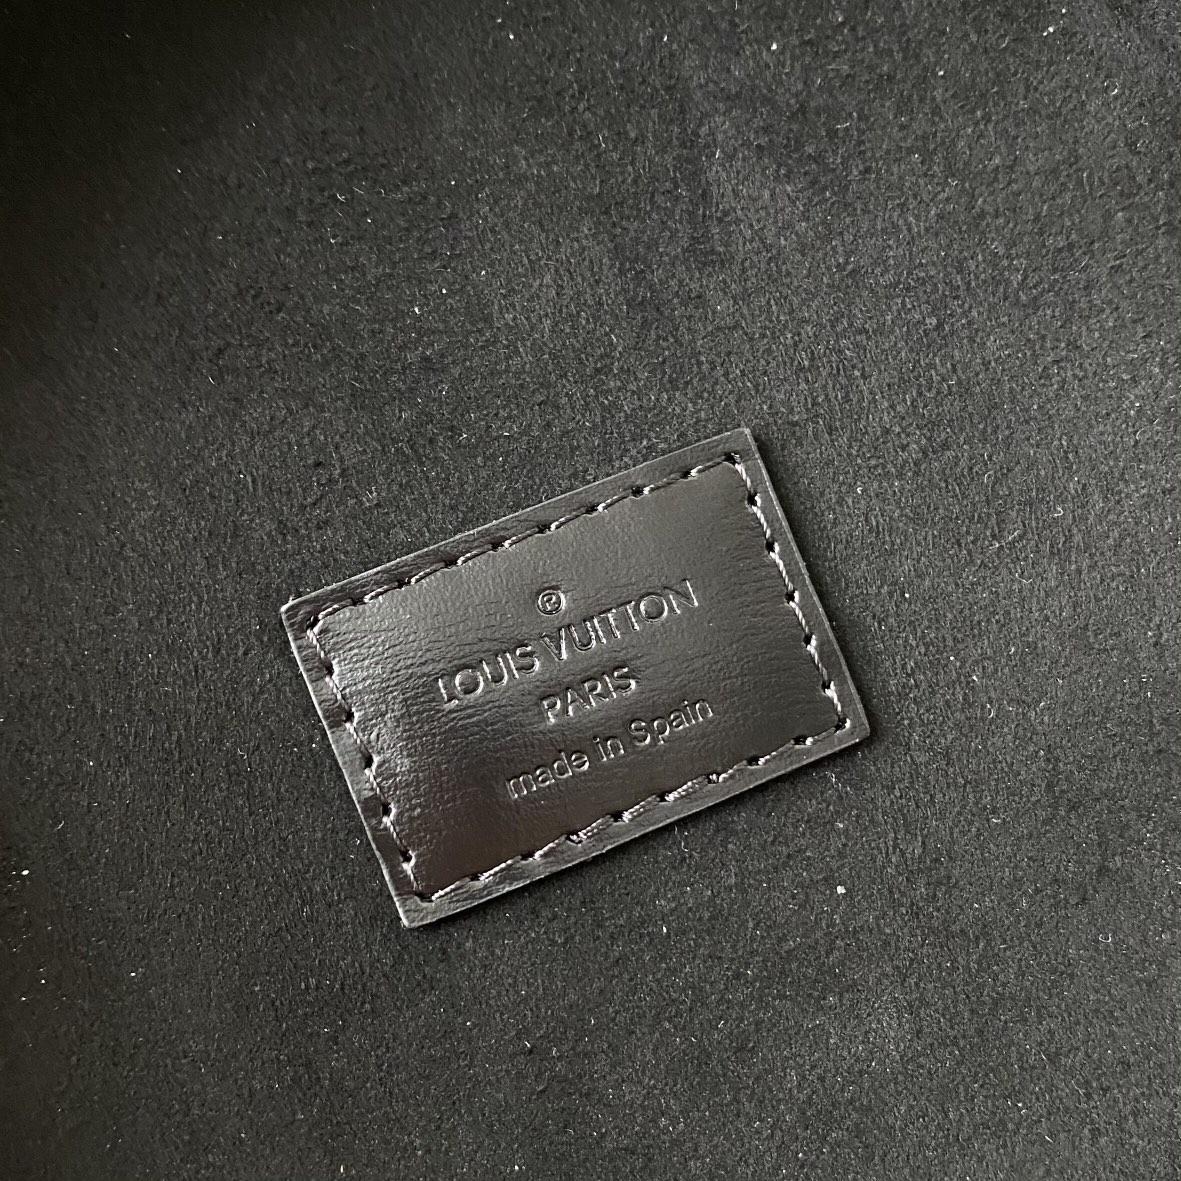 【¥1130】【圆桶包】 自重不重,很轻便,而且超级能装 尺寸:16×14.5×16cm62788 发财桶